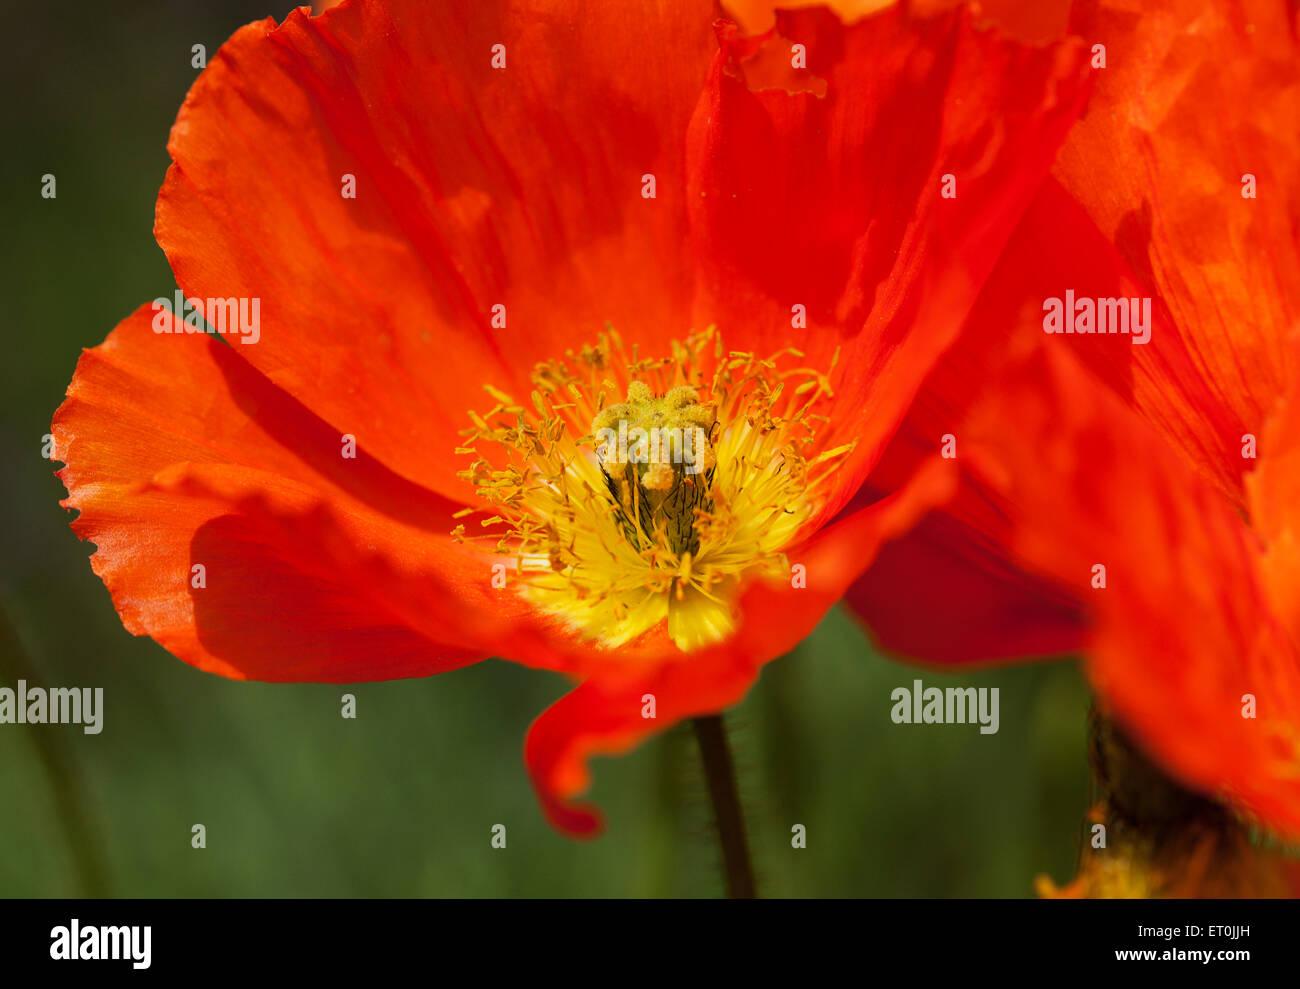 Iceland poppy flower closeup stock photo 83607849 alamy iceland poppy flower closeup mightylinksfo